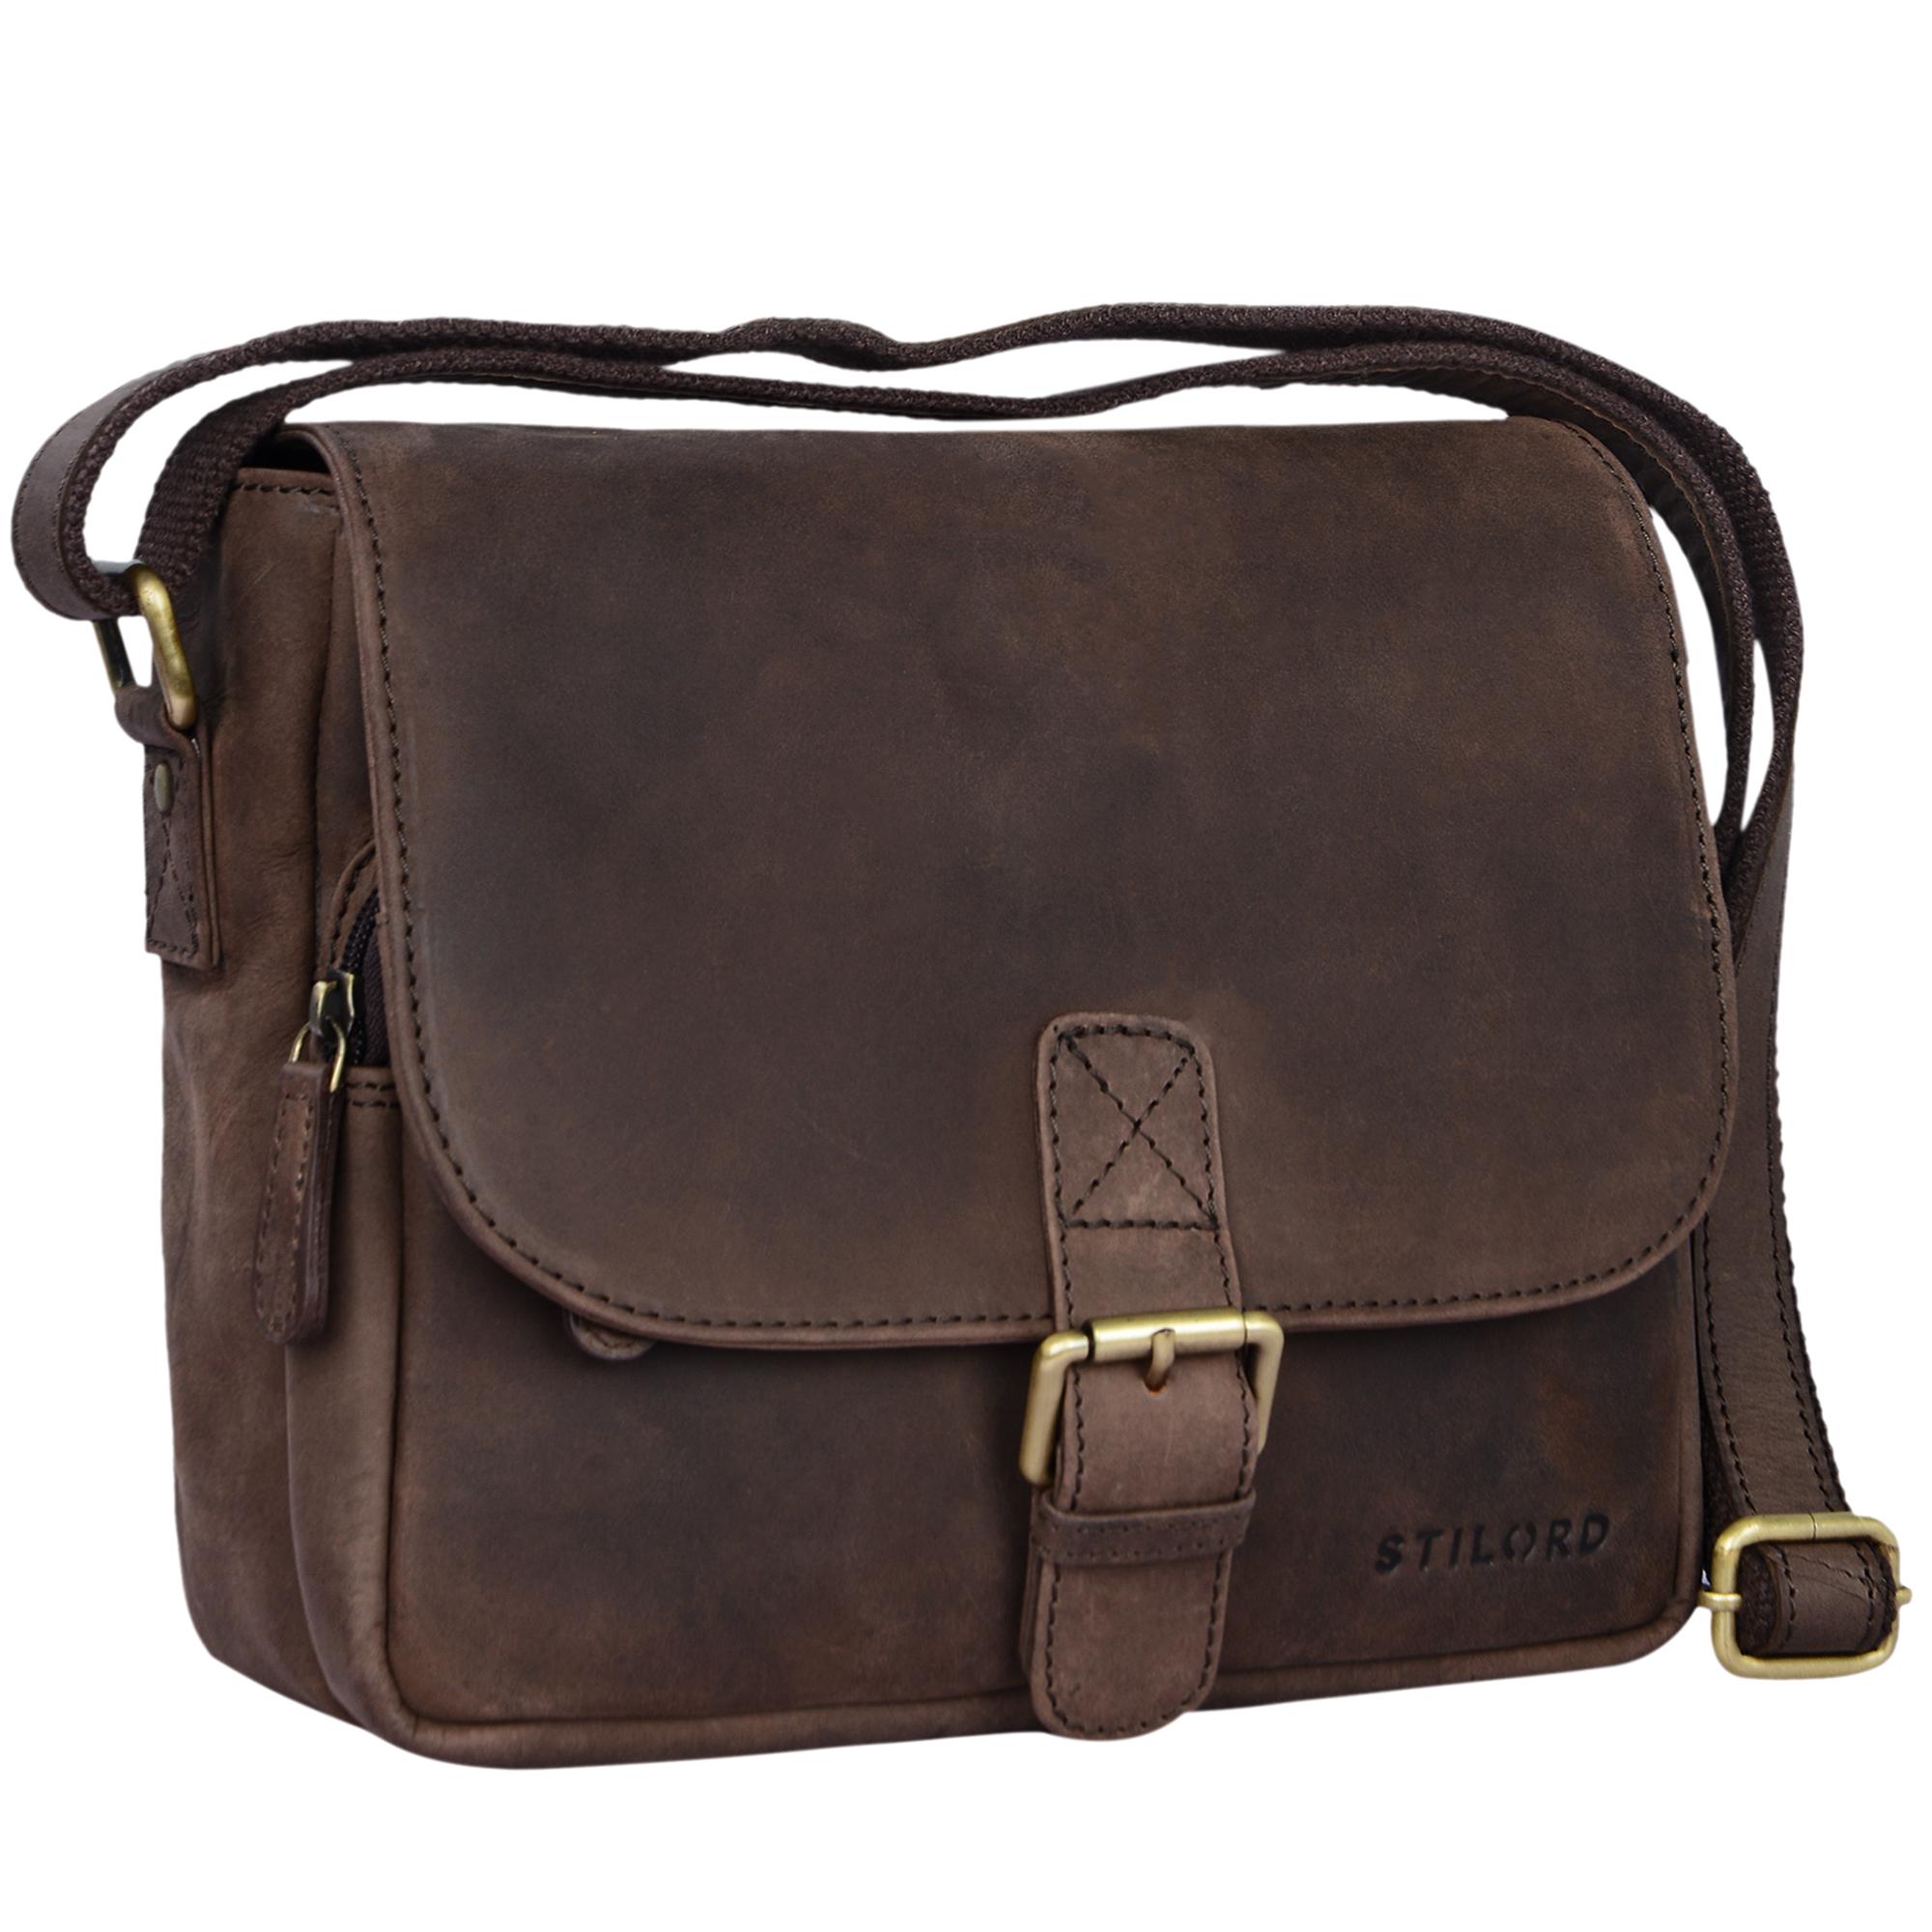 """STILORD """"Lucian"""" Vintage Umhängetasche Leder klein für Herren und Damen braune Schultertasche für 10.1 Zoll Tablet iPad DIN A5 Handtasche aus echtem Leder - Bild 8"""